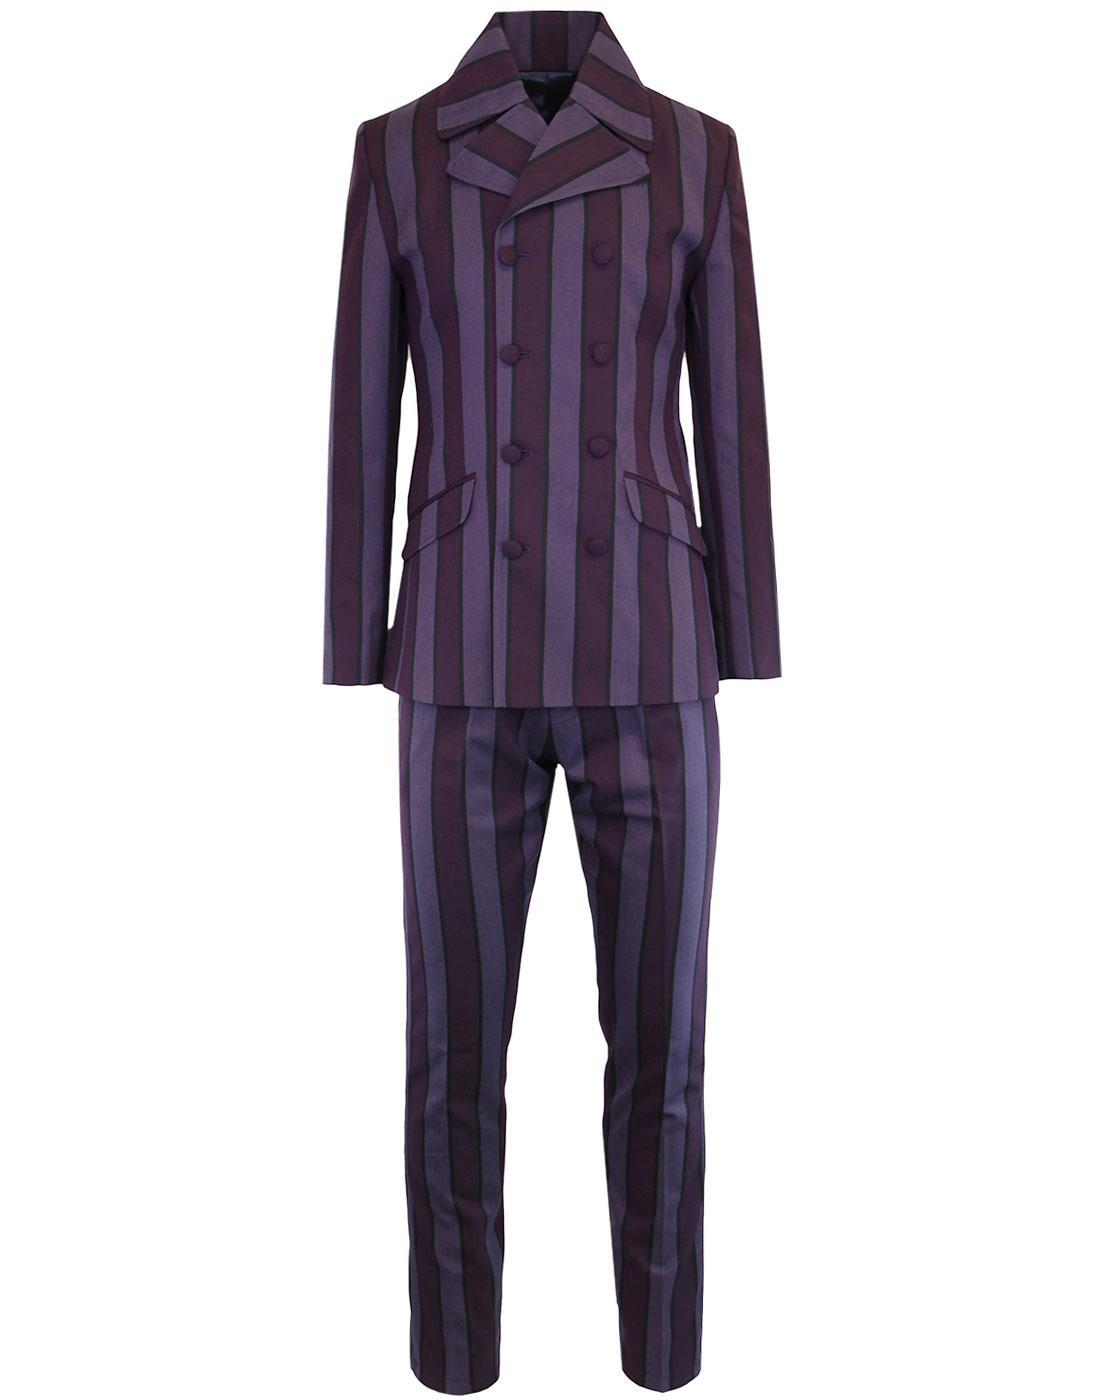 MADCAP ENGLAND Backbeat Mod 60s Slim Suit - Purple